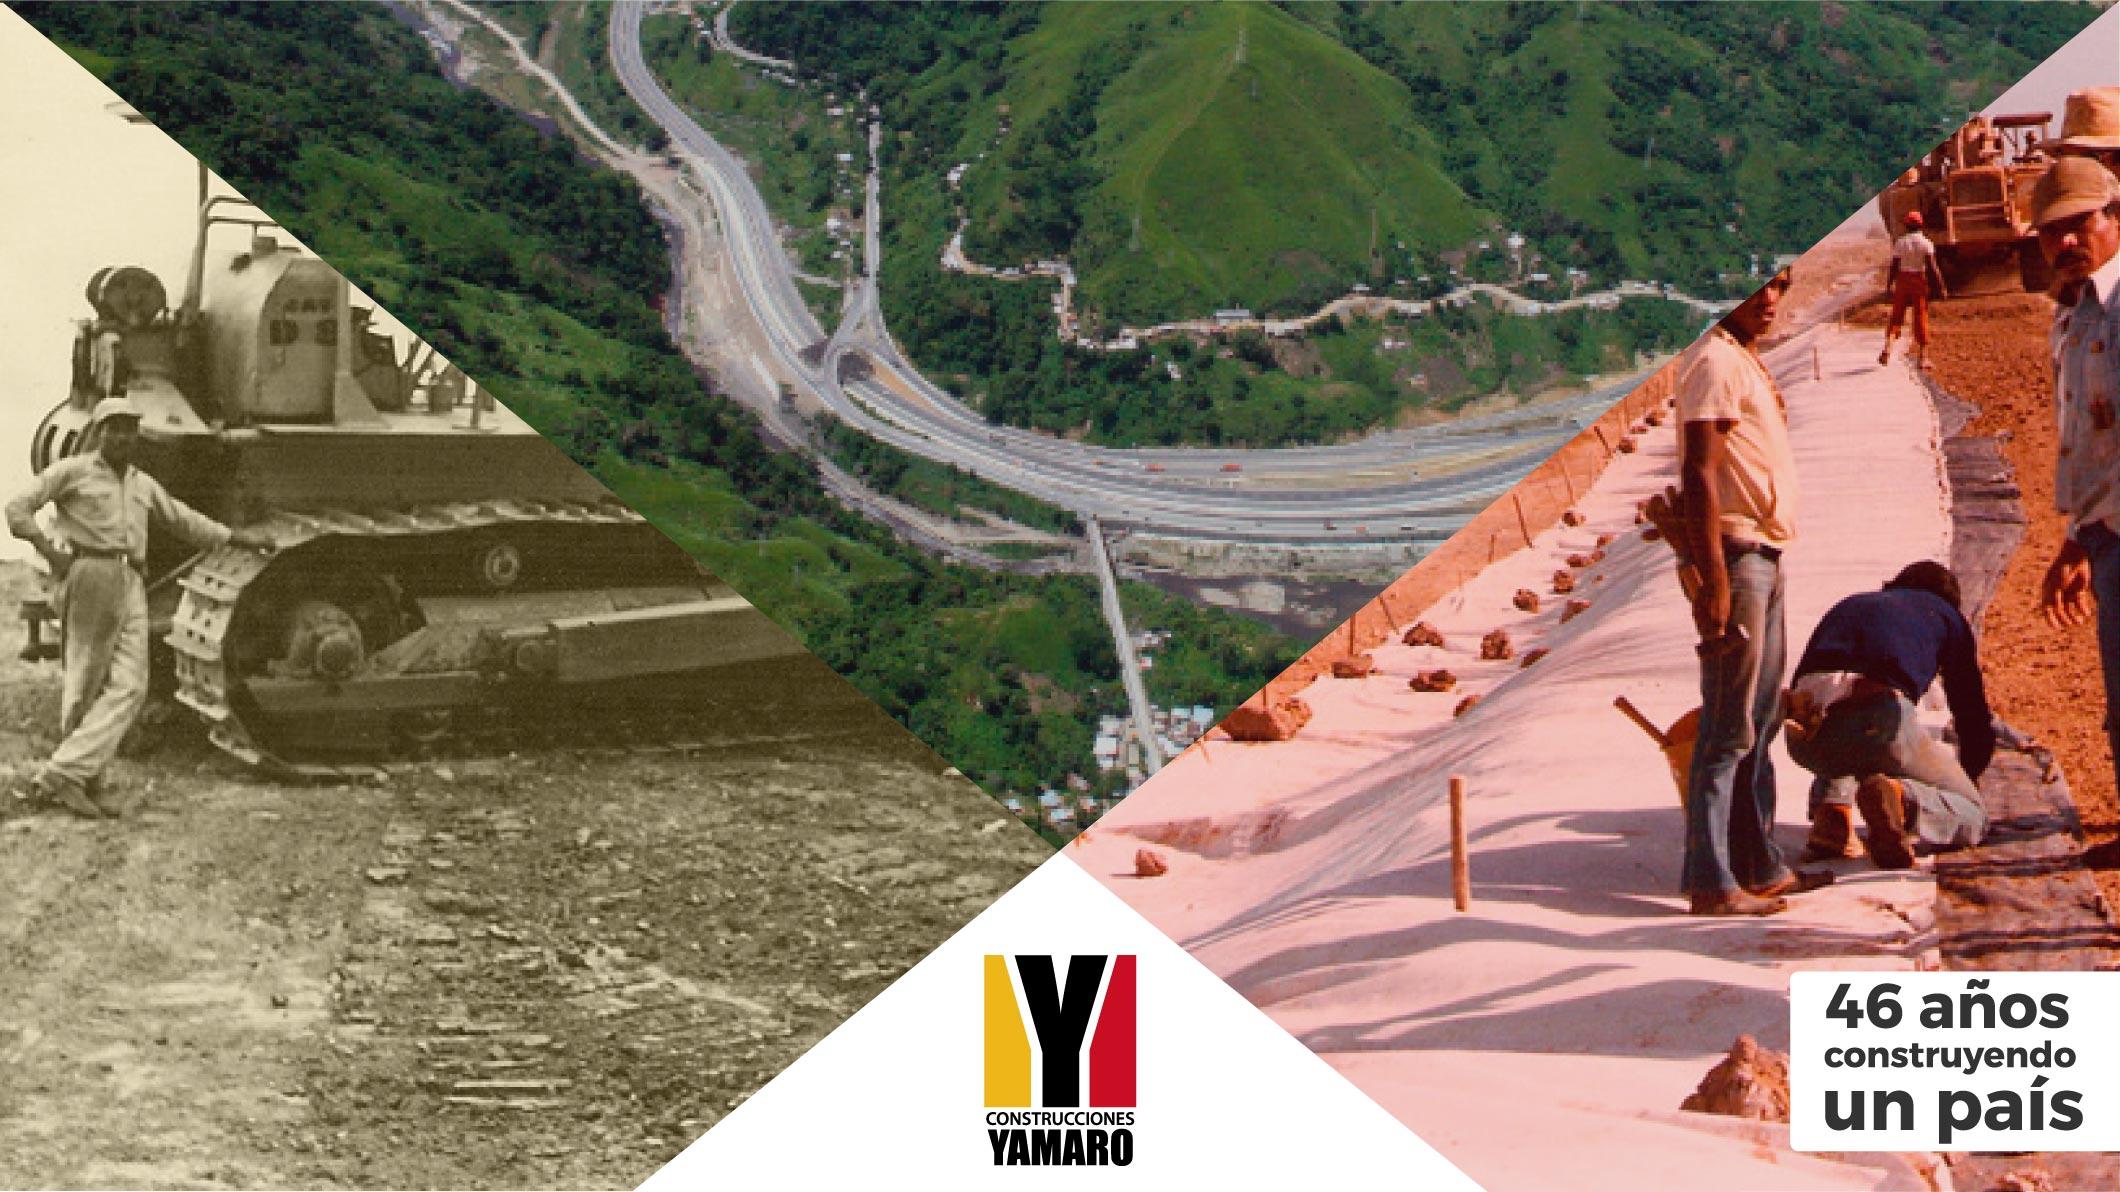 Construcciones-Yamaro-Portada-Google-Plus-